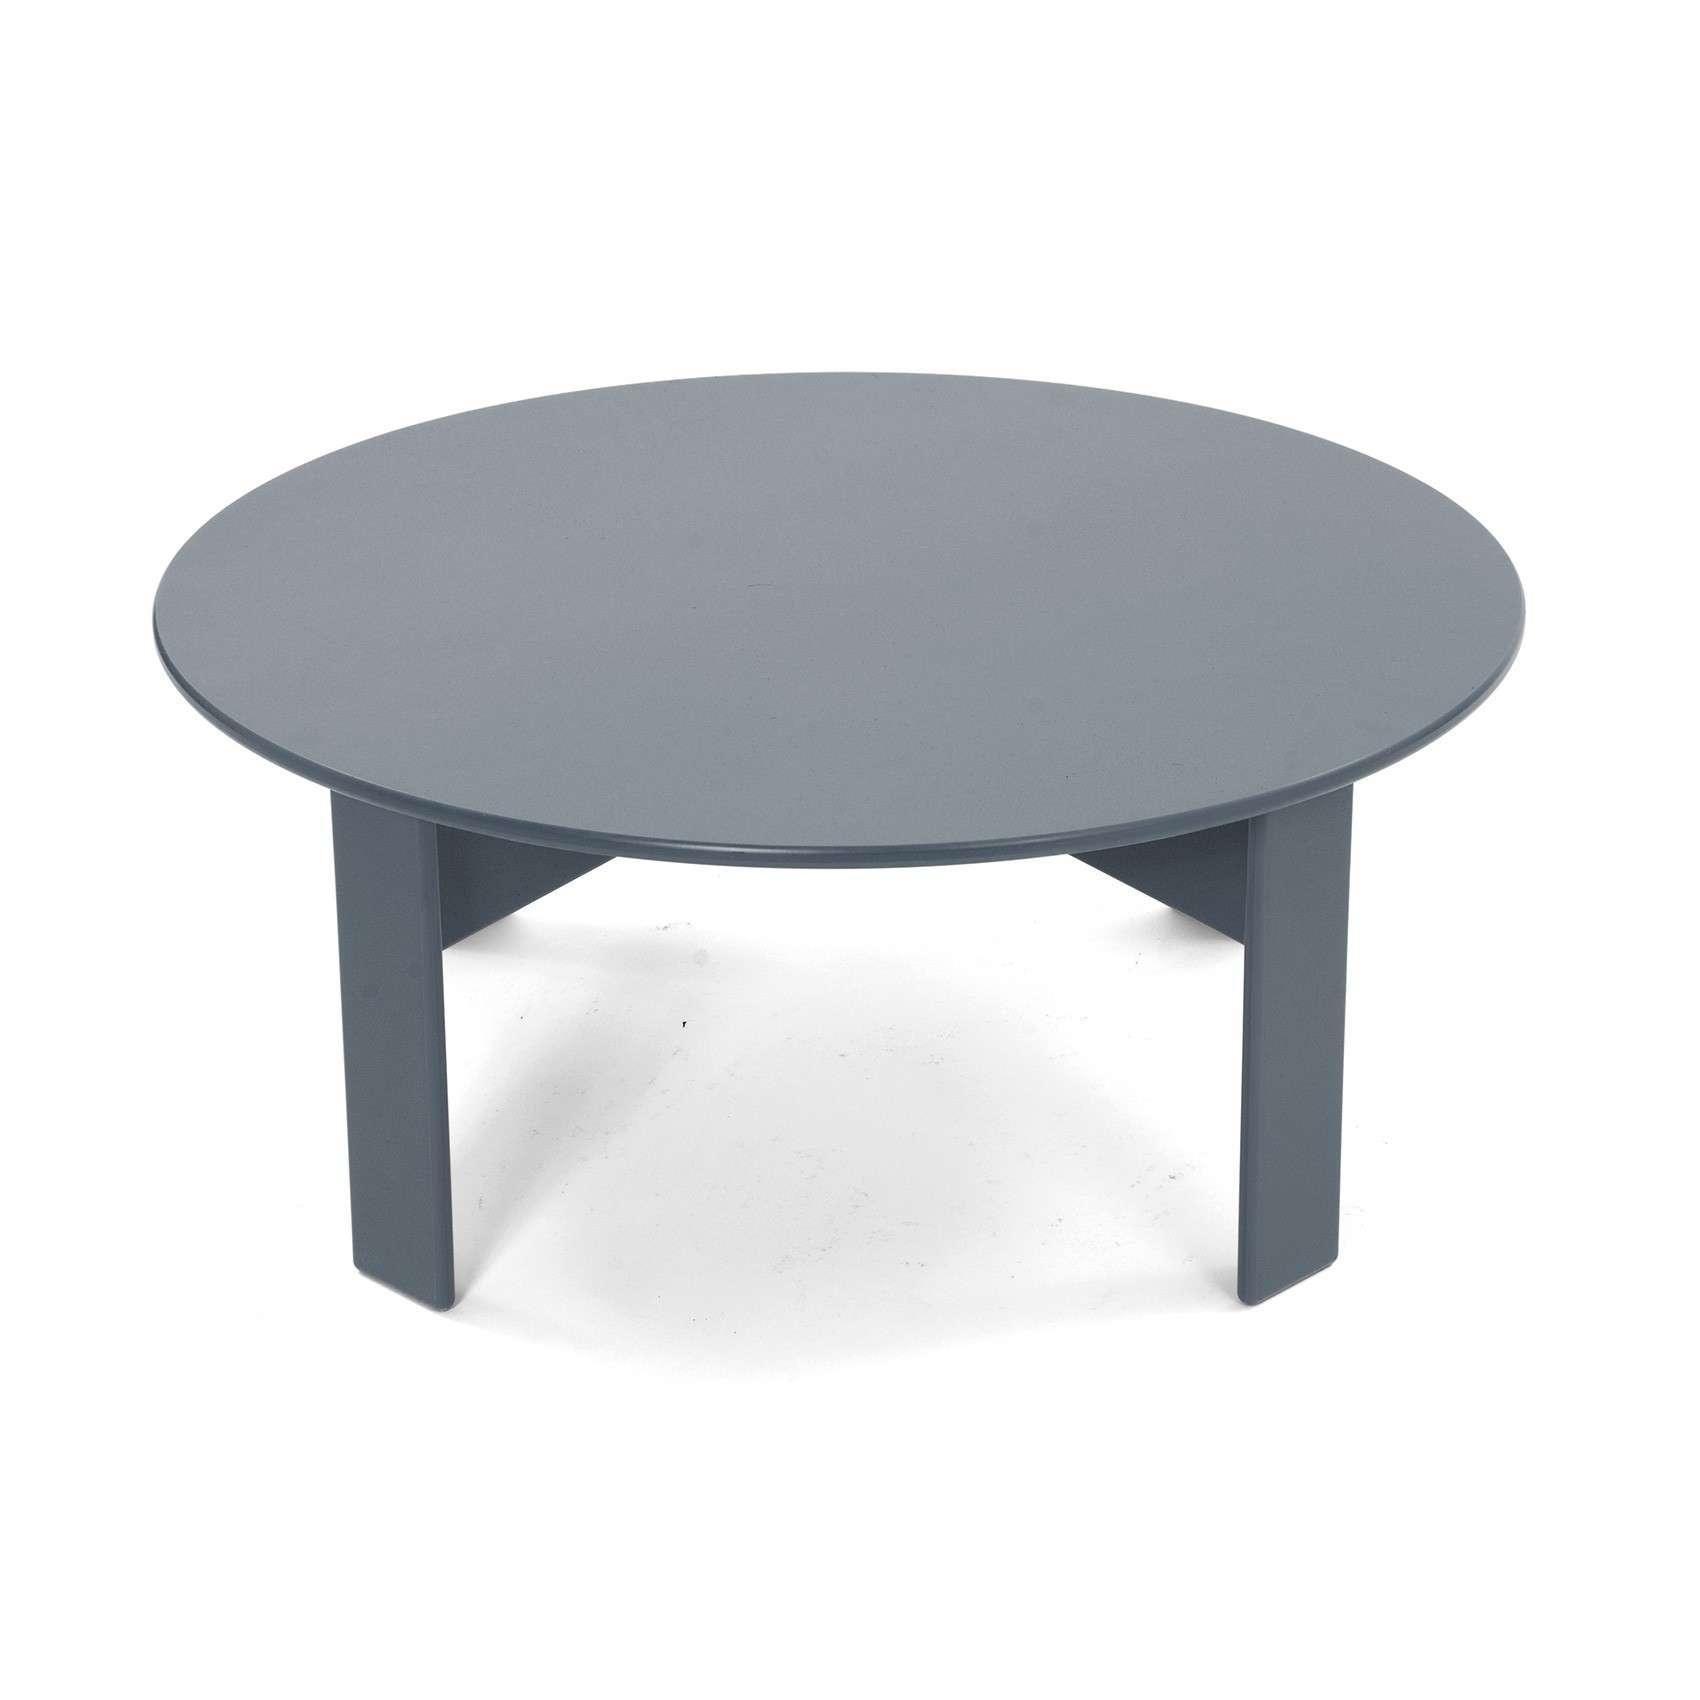 15 40 Inch Square Coffee Table Gallery Di 2020 Interior Modern